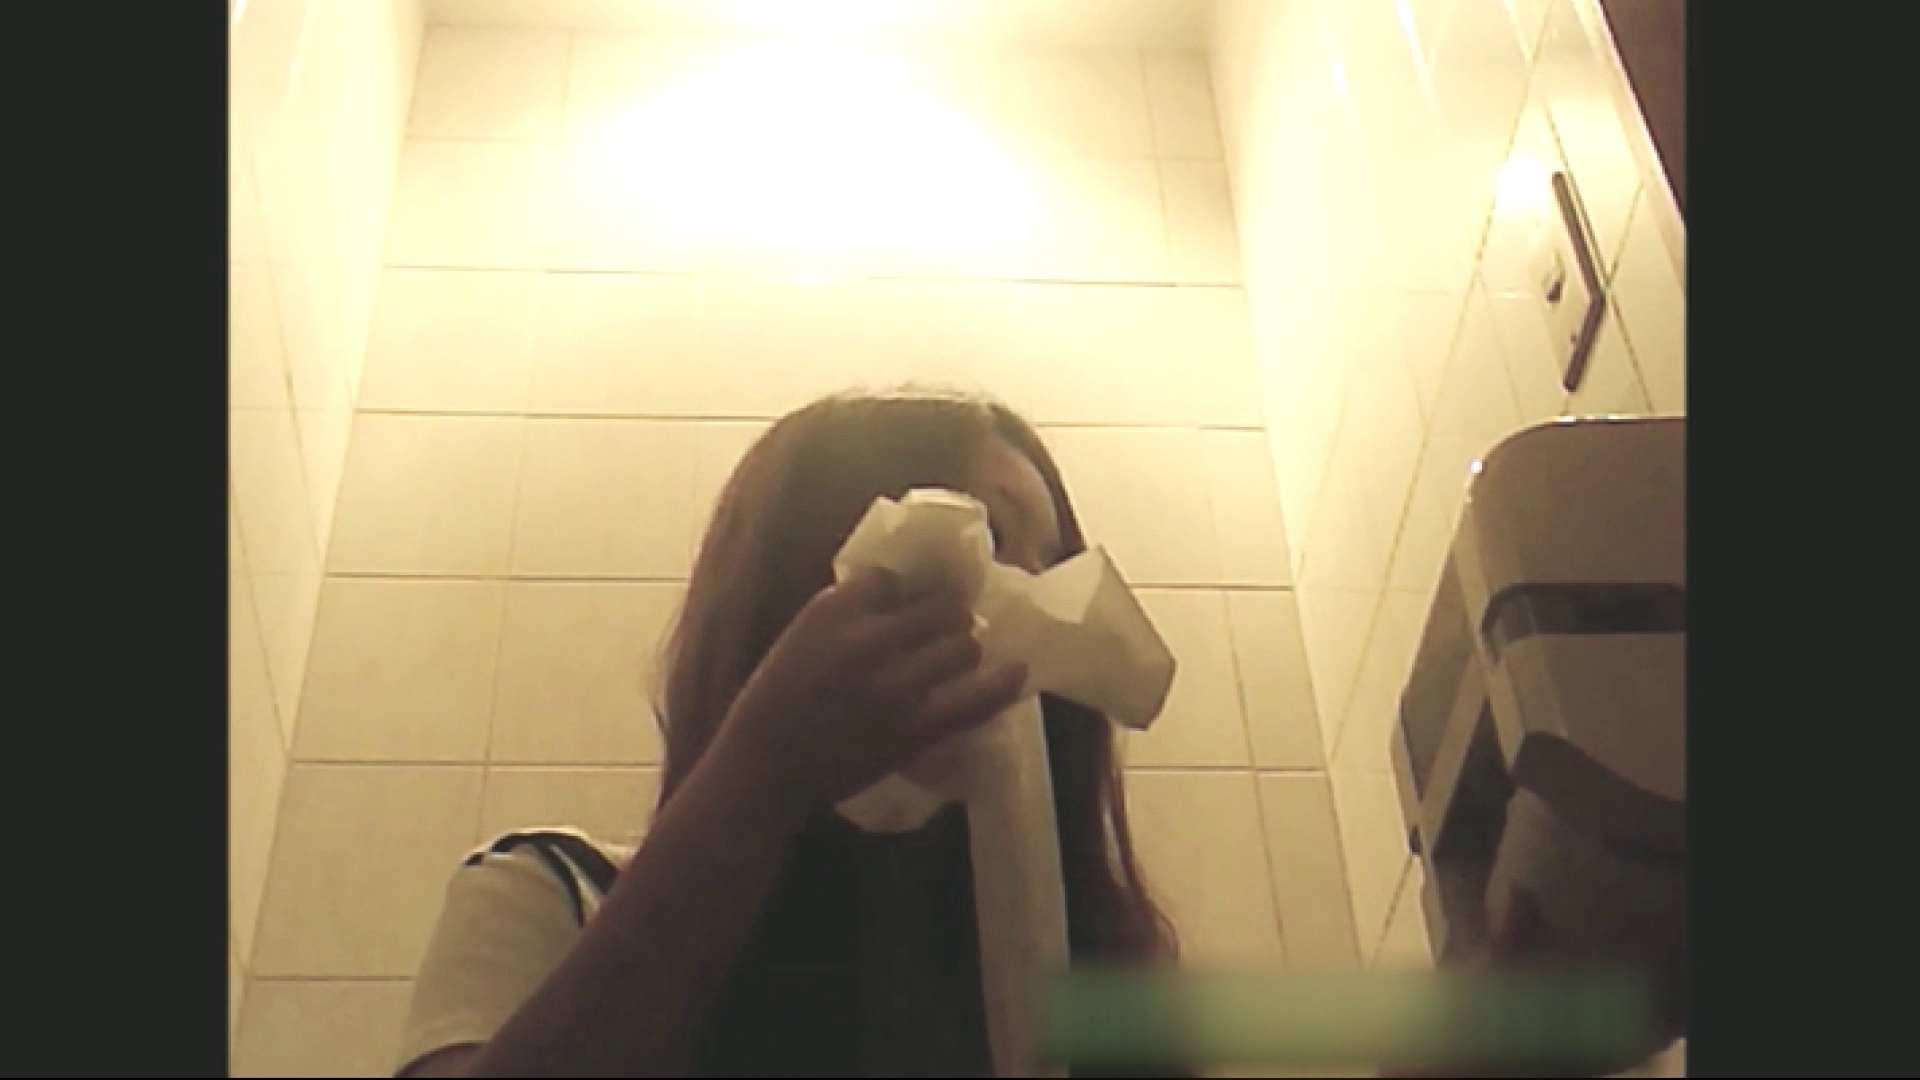 ティーンガールのトイレ覗き‼vol.02 お姉さんのエロ動画 AV無料動画キャプチャ 92PIX 34